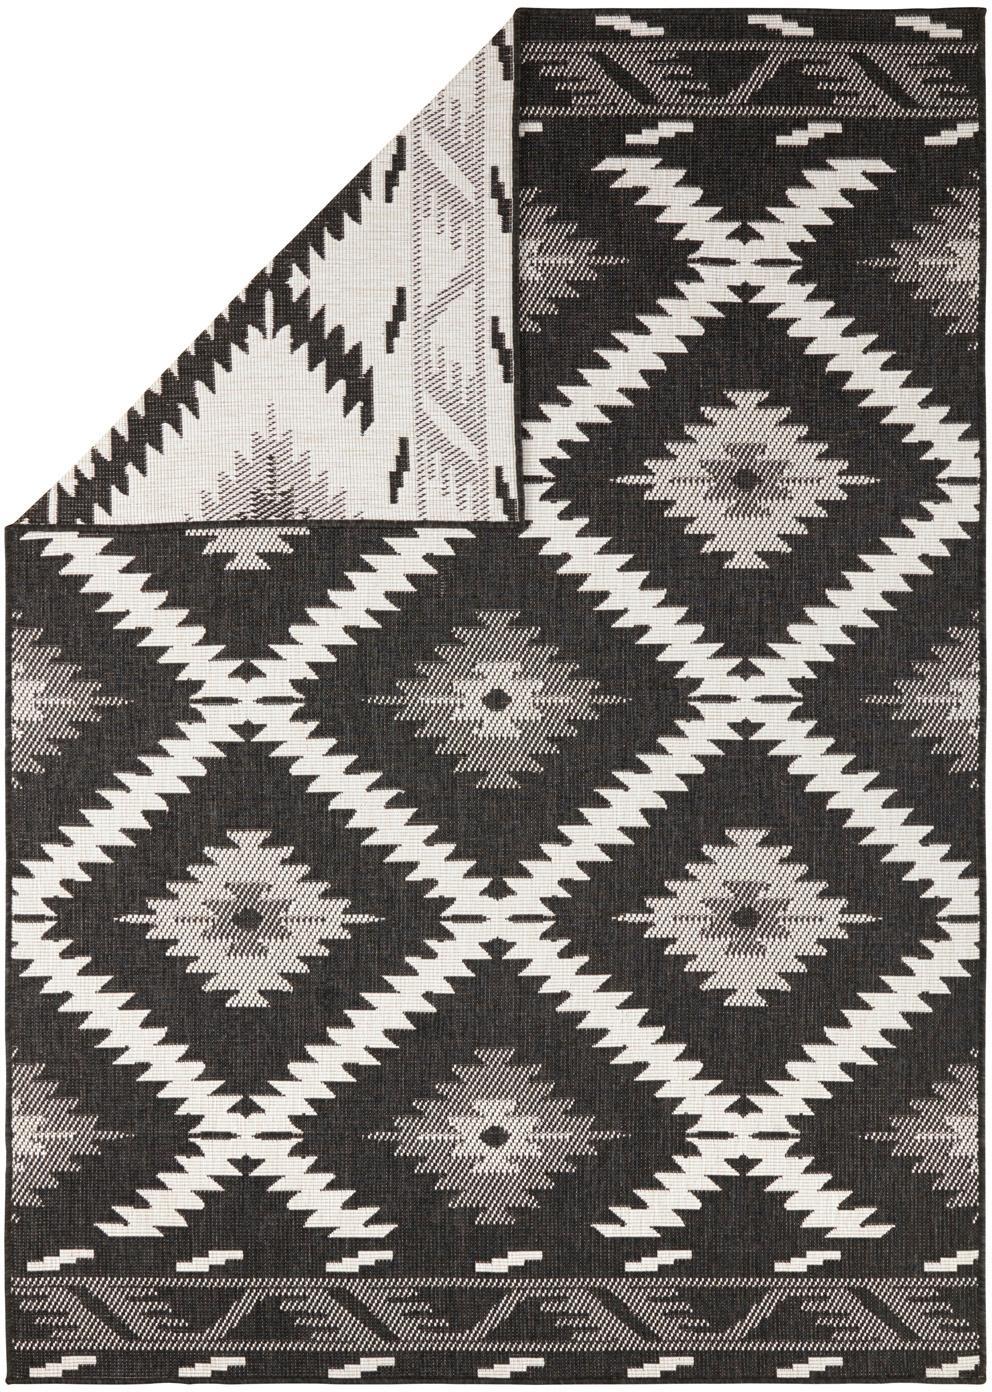 In- und Outdoor-Wendeteppich Malibu in Schwarz/Creme, Schwarz, Creme, B 200 x L 290 cm (Größe L)